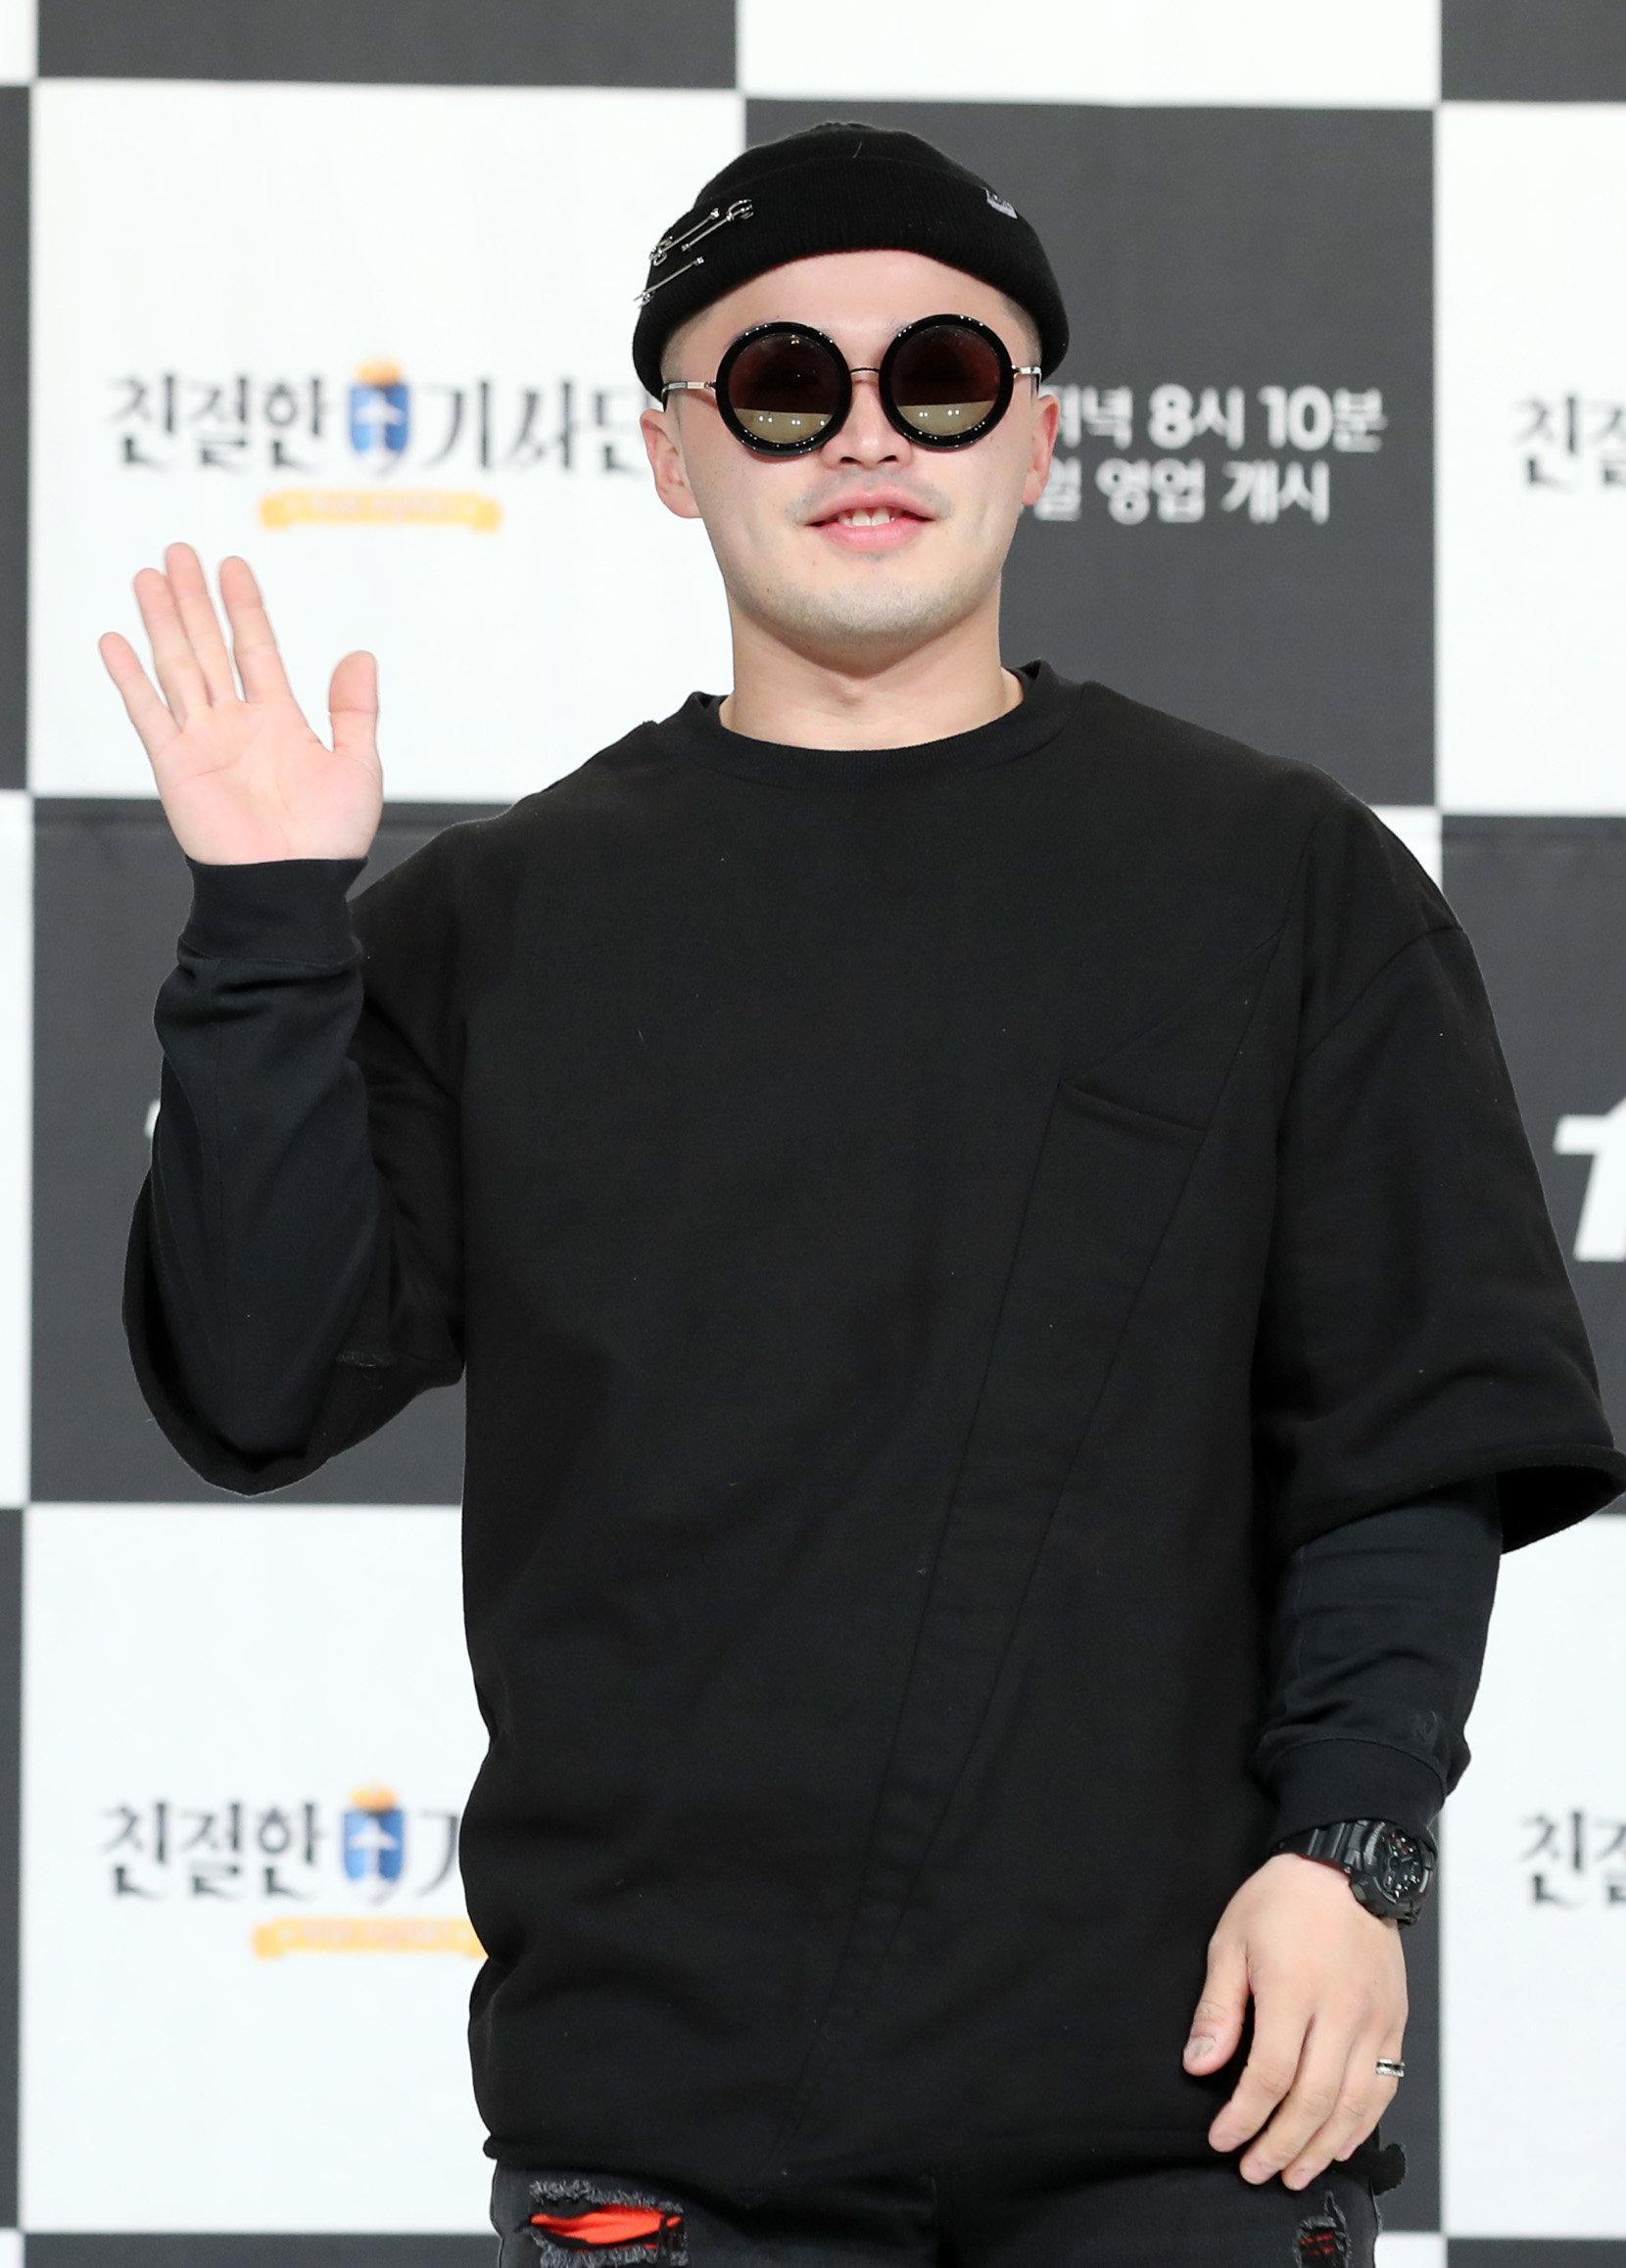 마이크로닷 측이 '부모님 사기 루머'에 밝힌